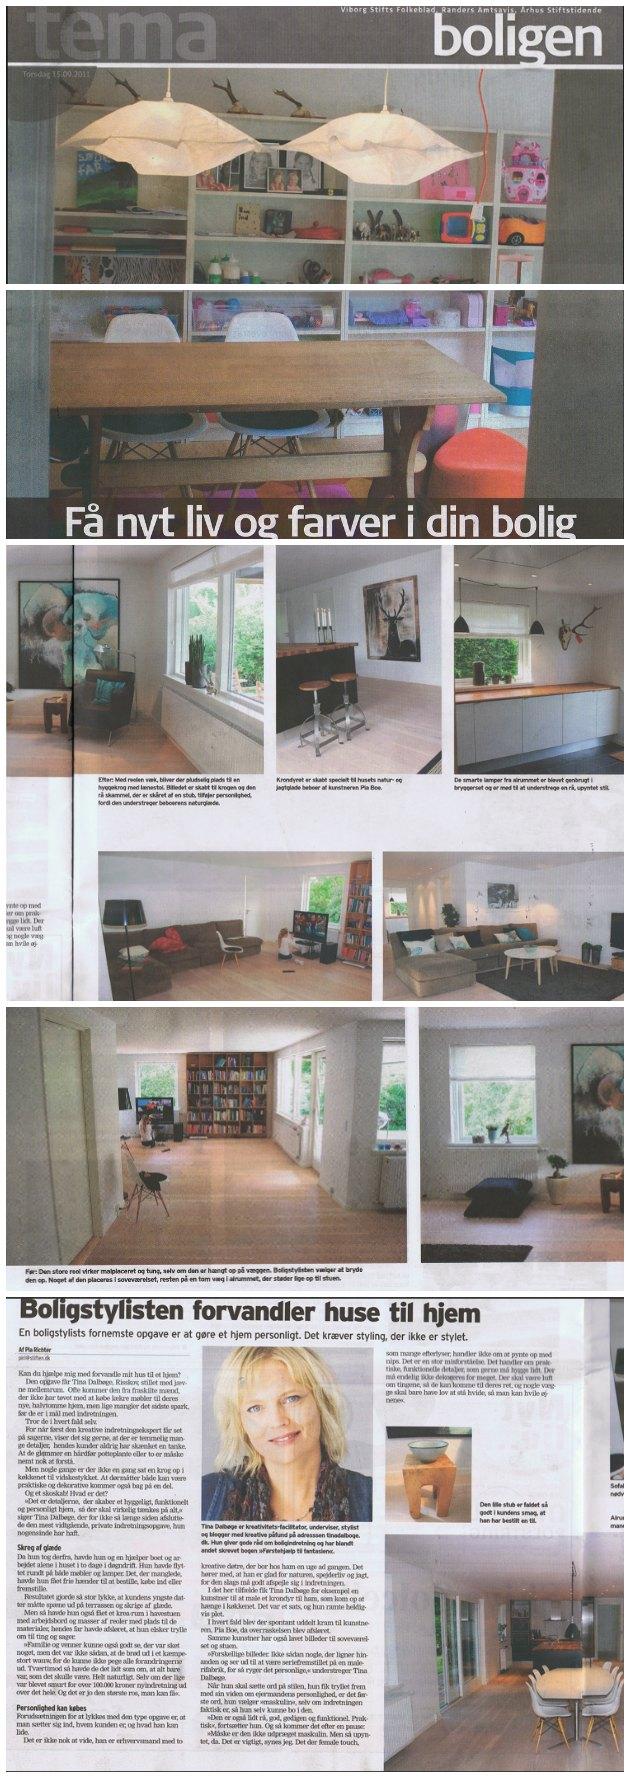 boligstylist Tina Dalbøges opgave med før og efterbilleder på en indretningsopgave i en avisartikel